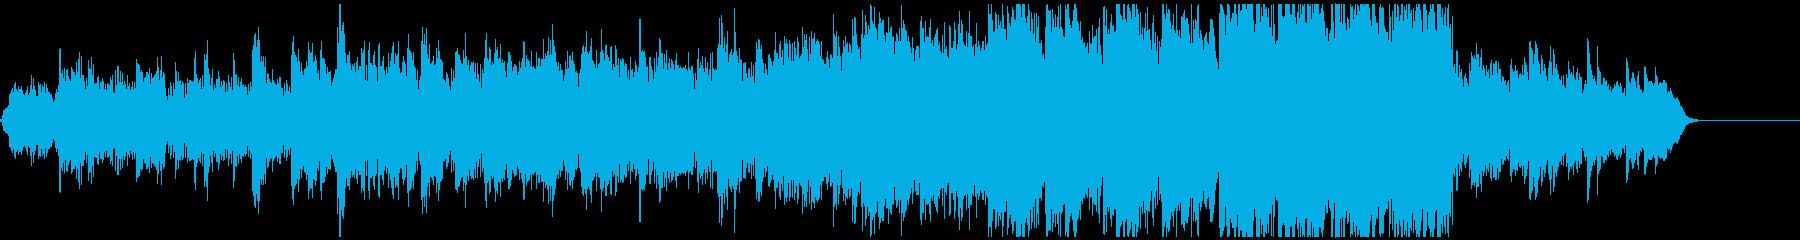 ピアノ主体のやさしく映像的に盛り上がる曲の再生済みの波形